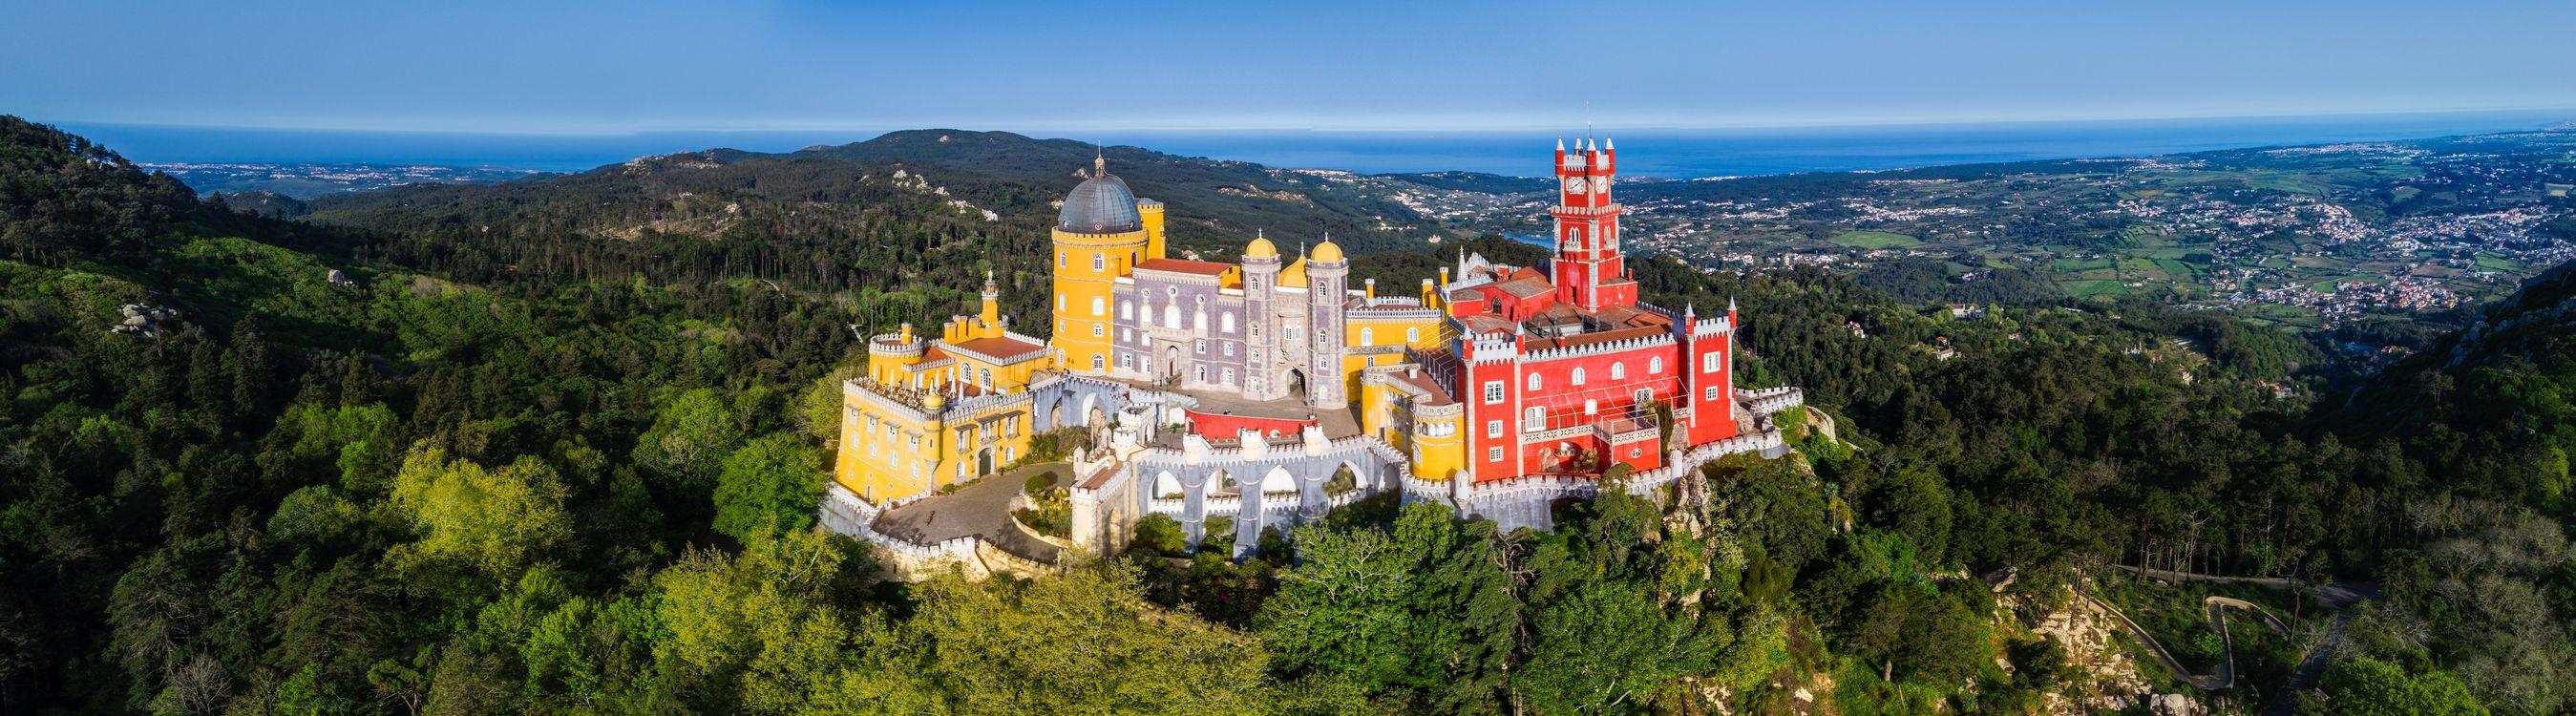 Фото бесплатно Pena Palace Pano, Дворец Пена - Синтра, Португалия - на рабочий стол